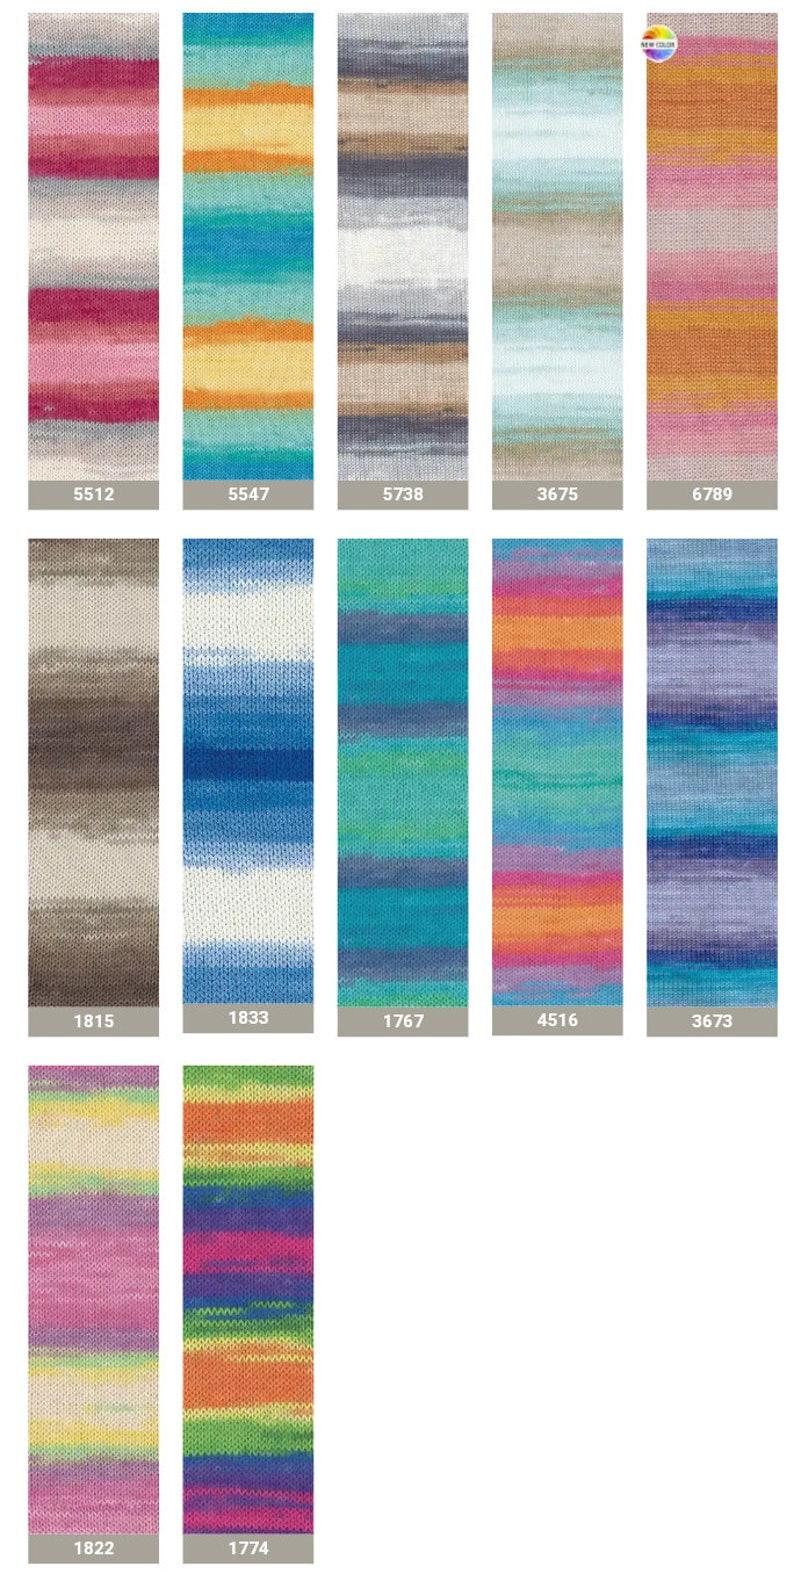 baby yarn bikini yarn Free fast shipping 13 skeins Alize Bahar batik knitting yarn Crochet yarn 100/% mercerized Cotton